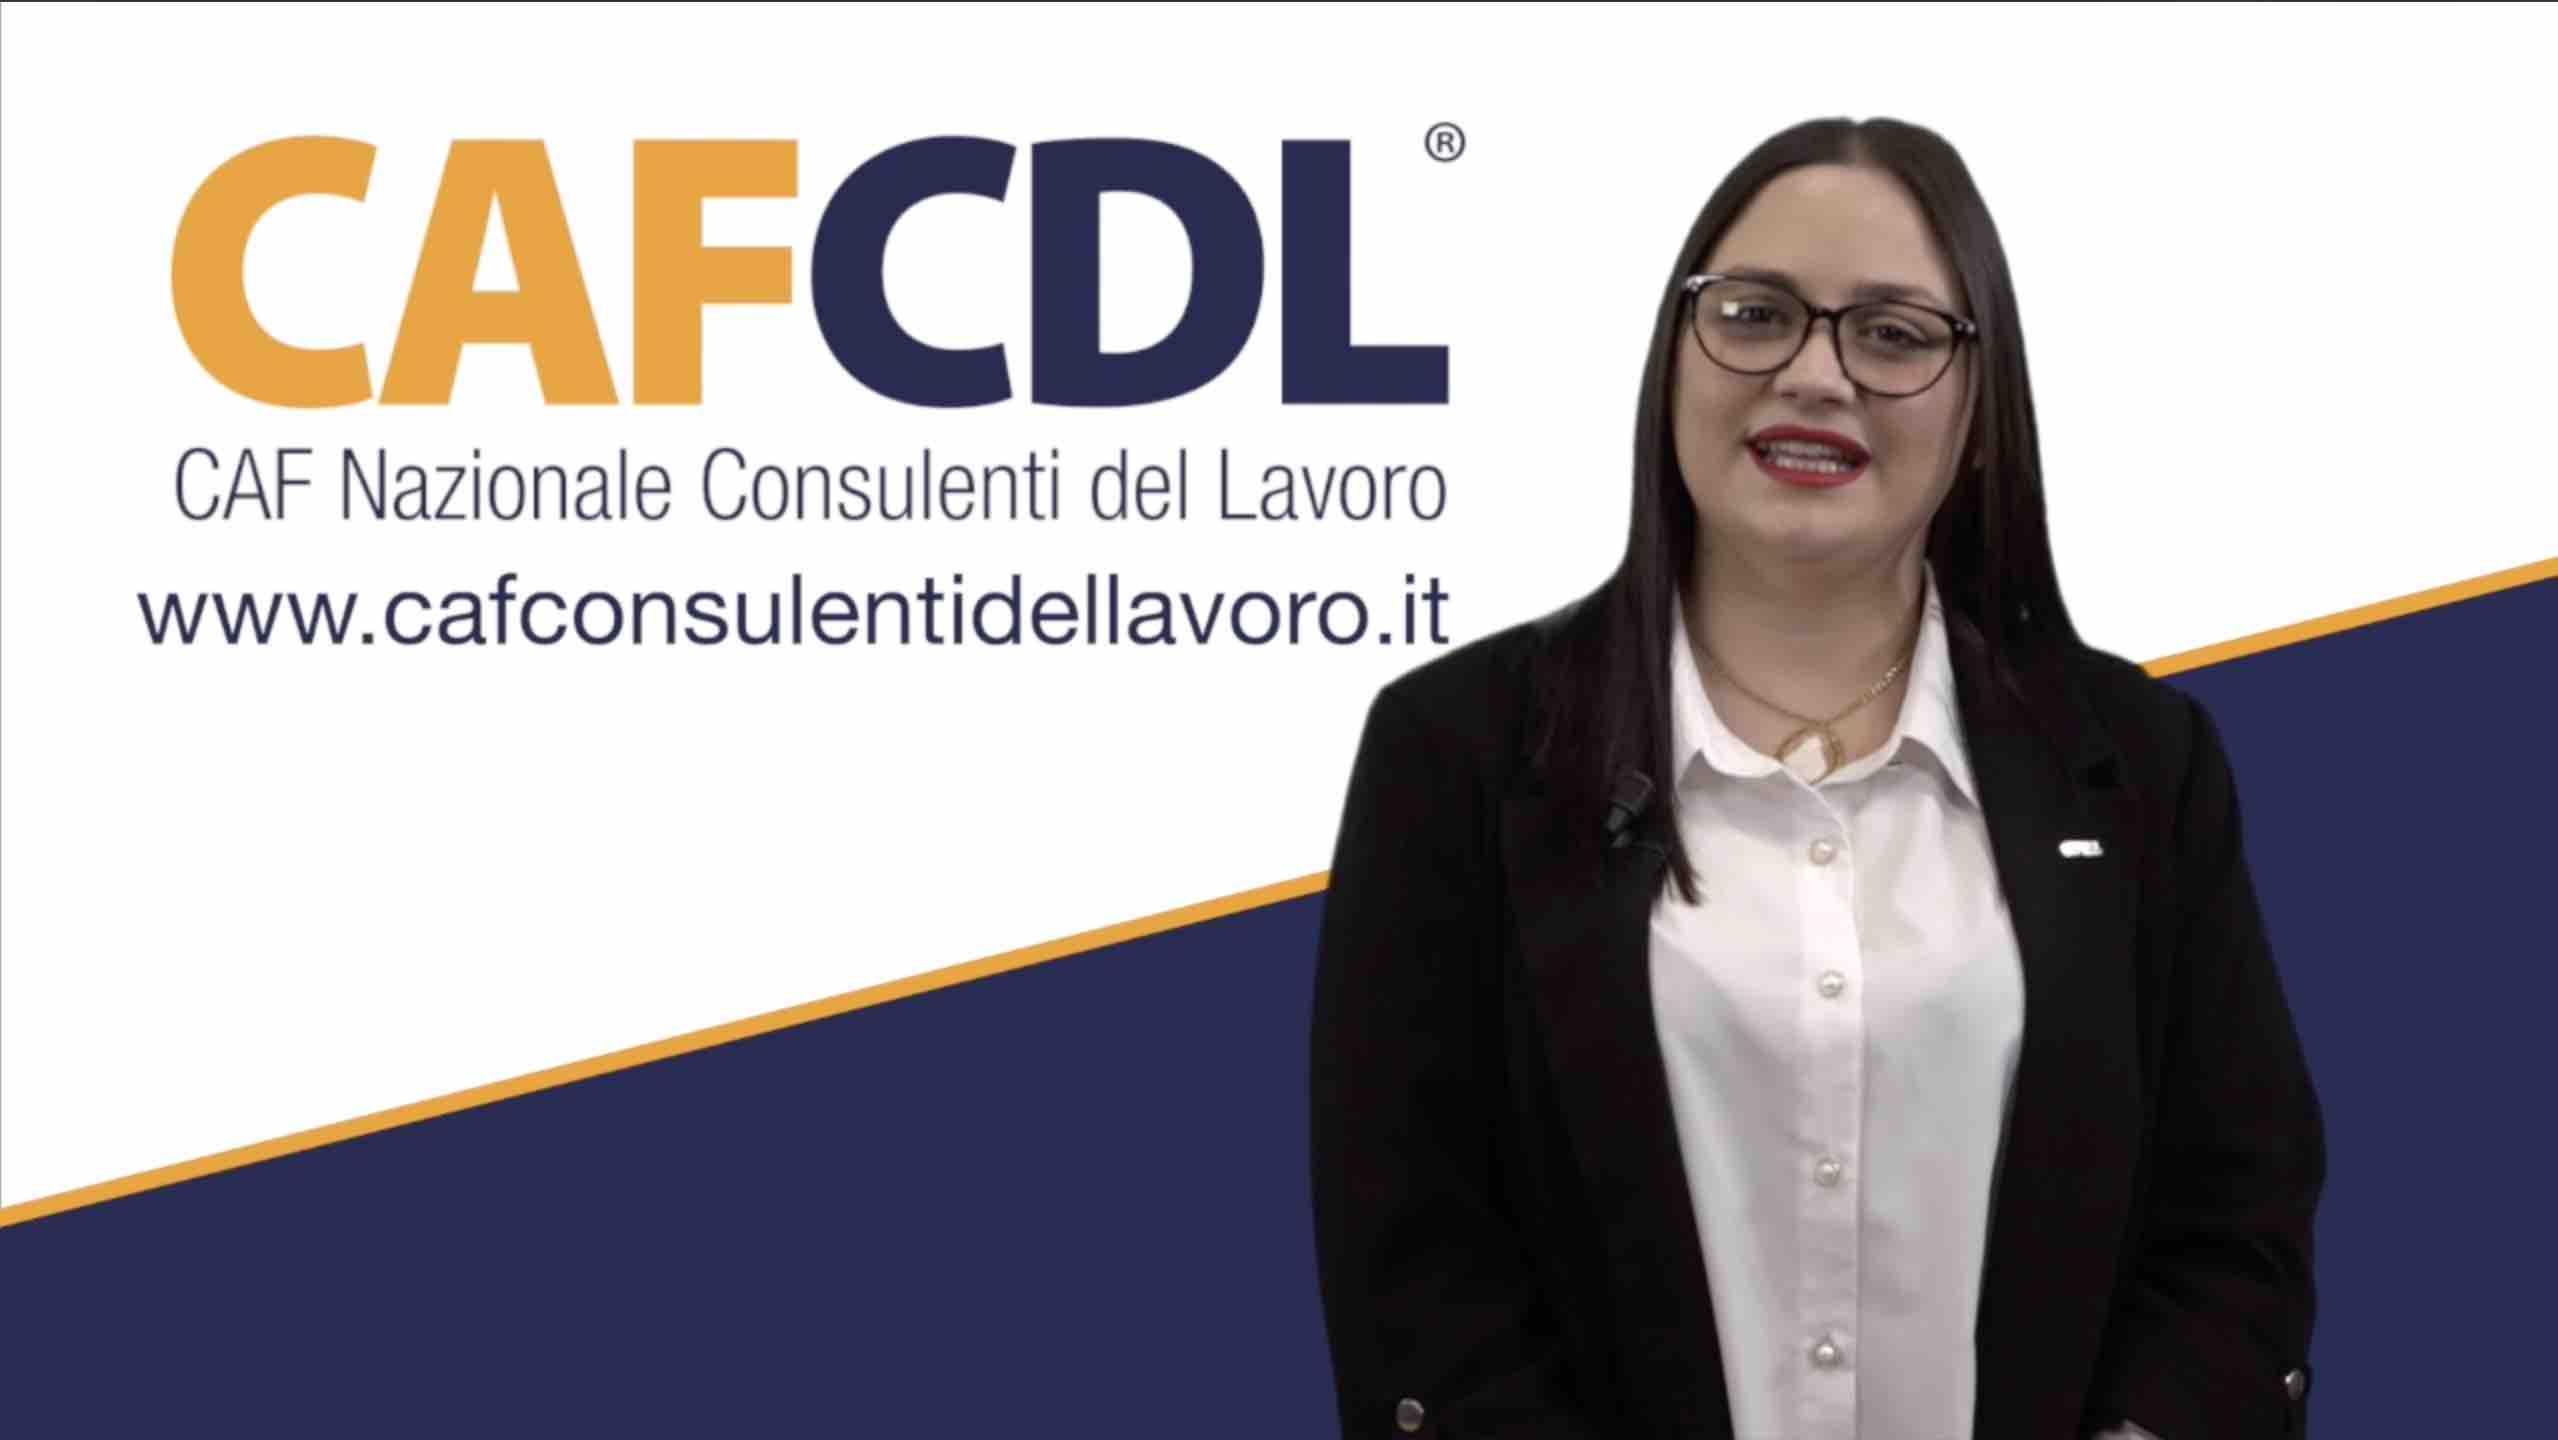 CAF CDL